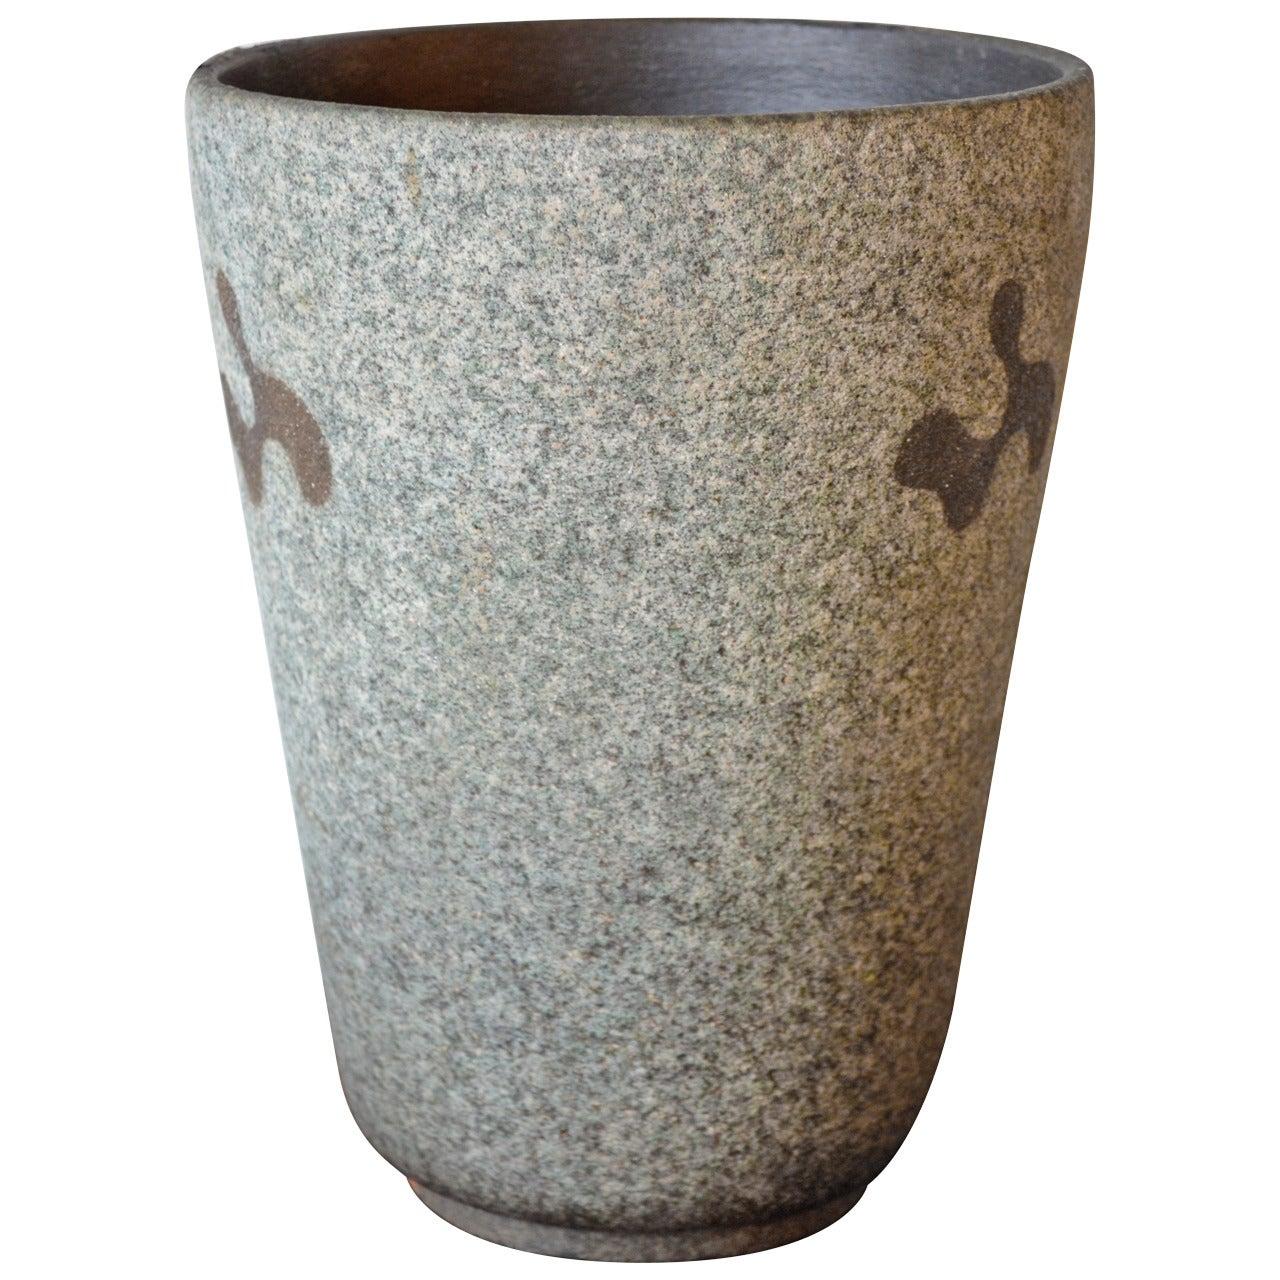 Mid Century Modern Glazed Vase by Rolf Key-Oberg, circa 1950's